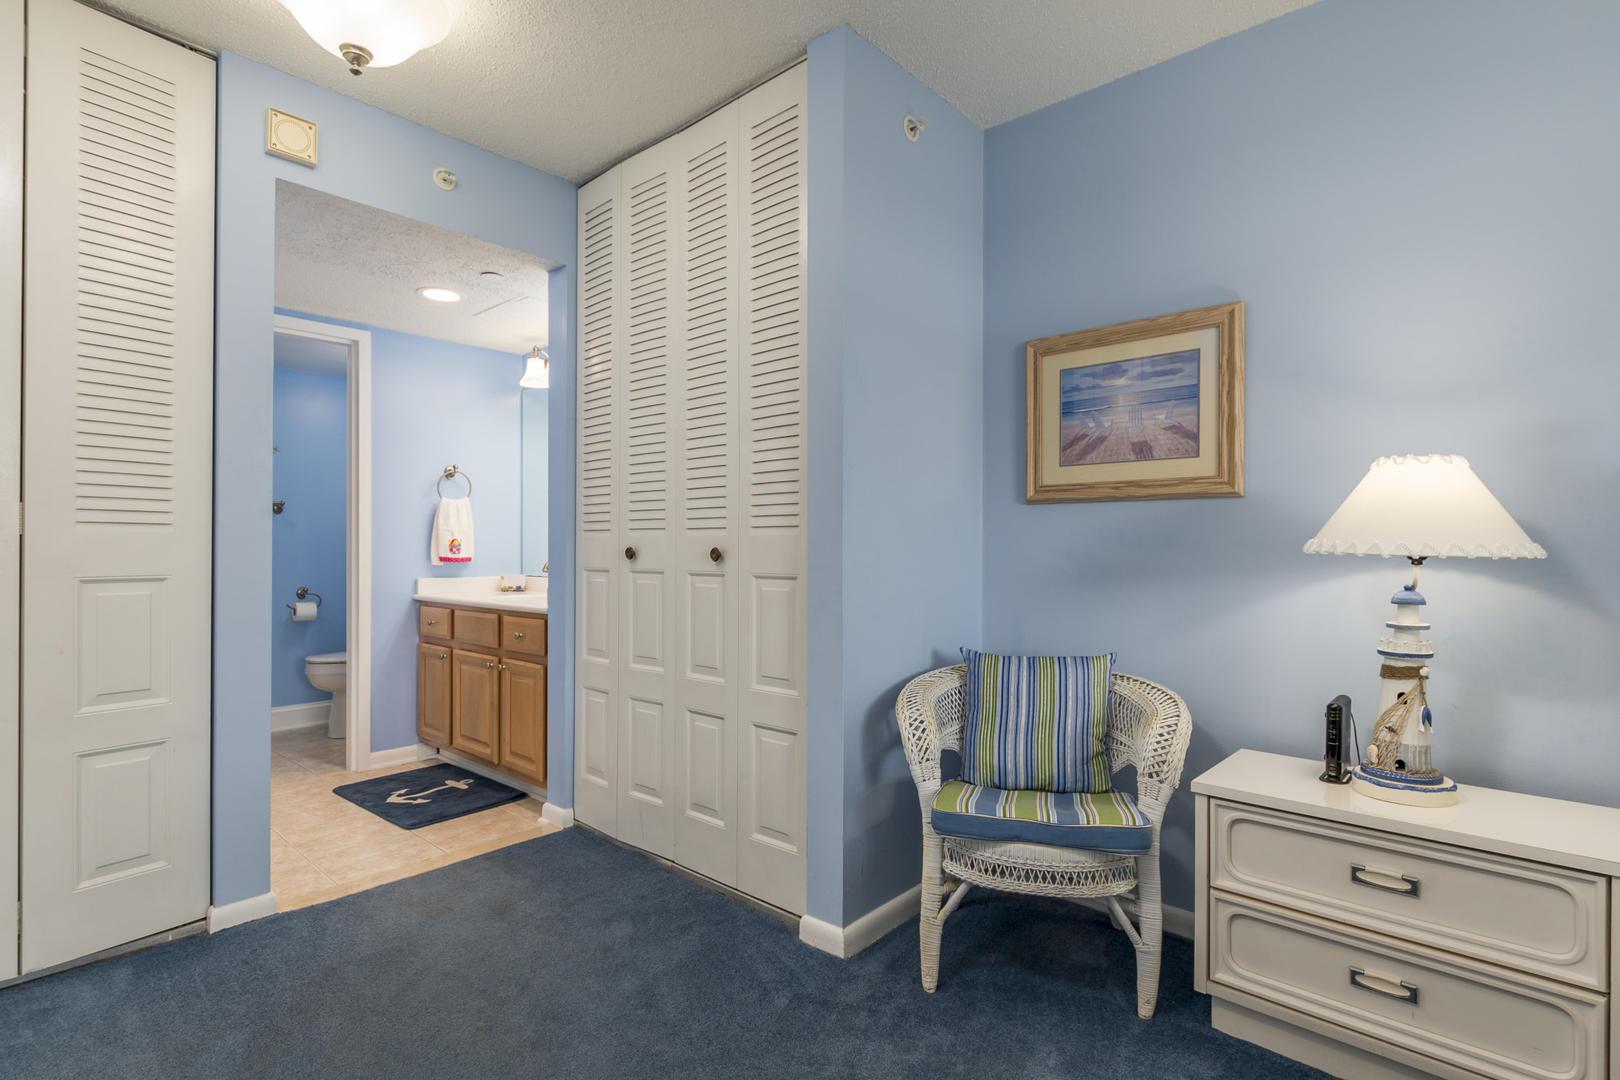 Braemar Towers 1006 - Master Bedroom and Bathroom